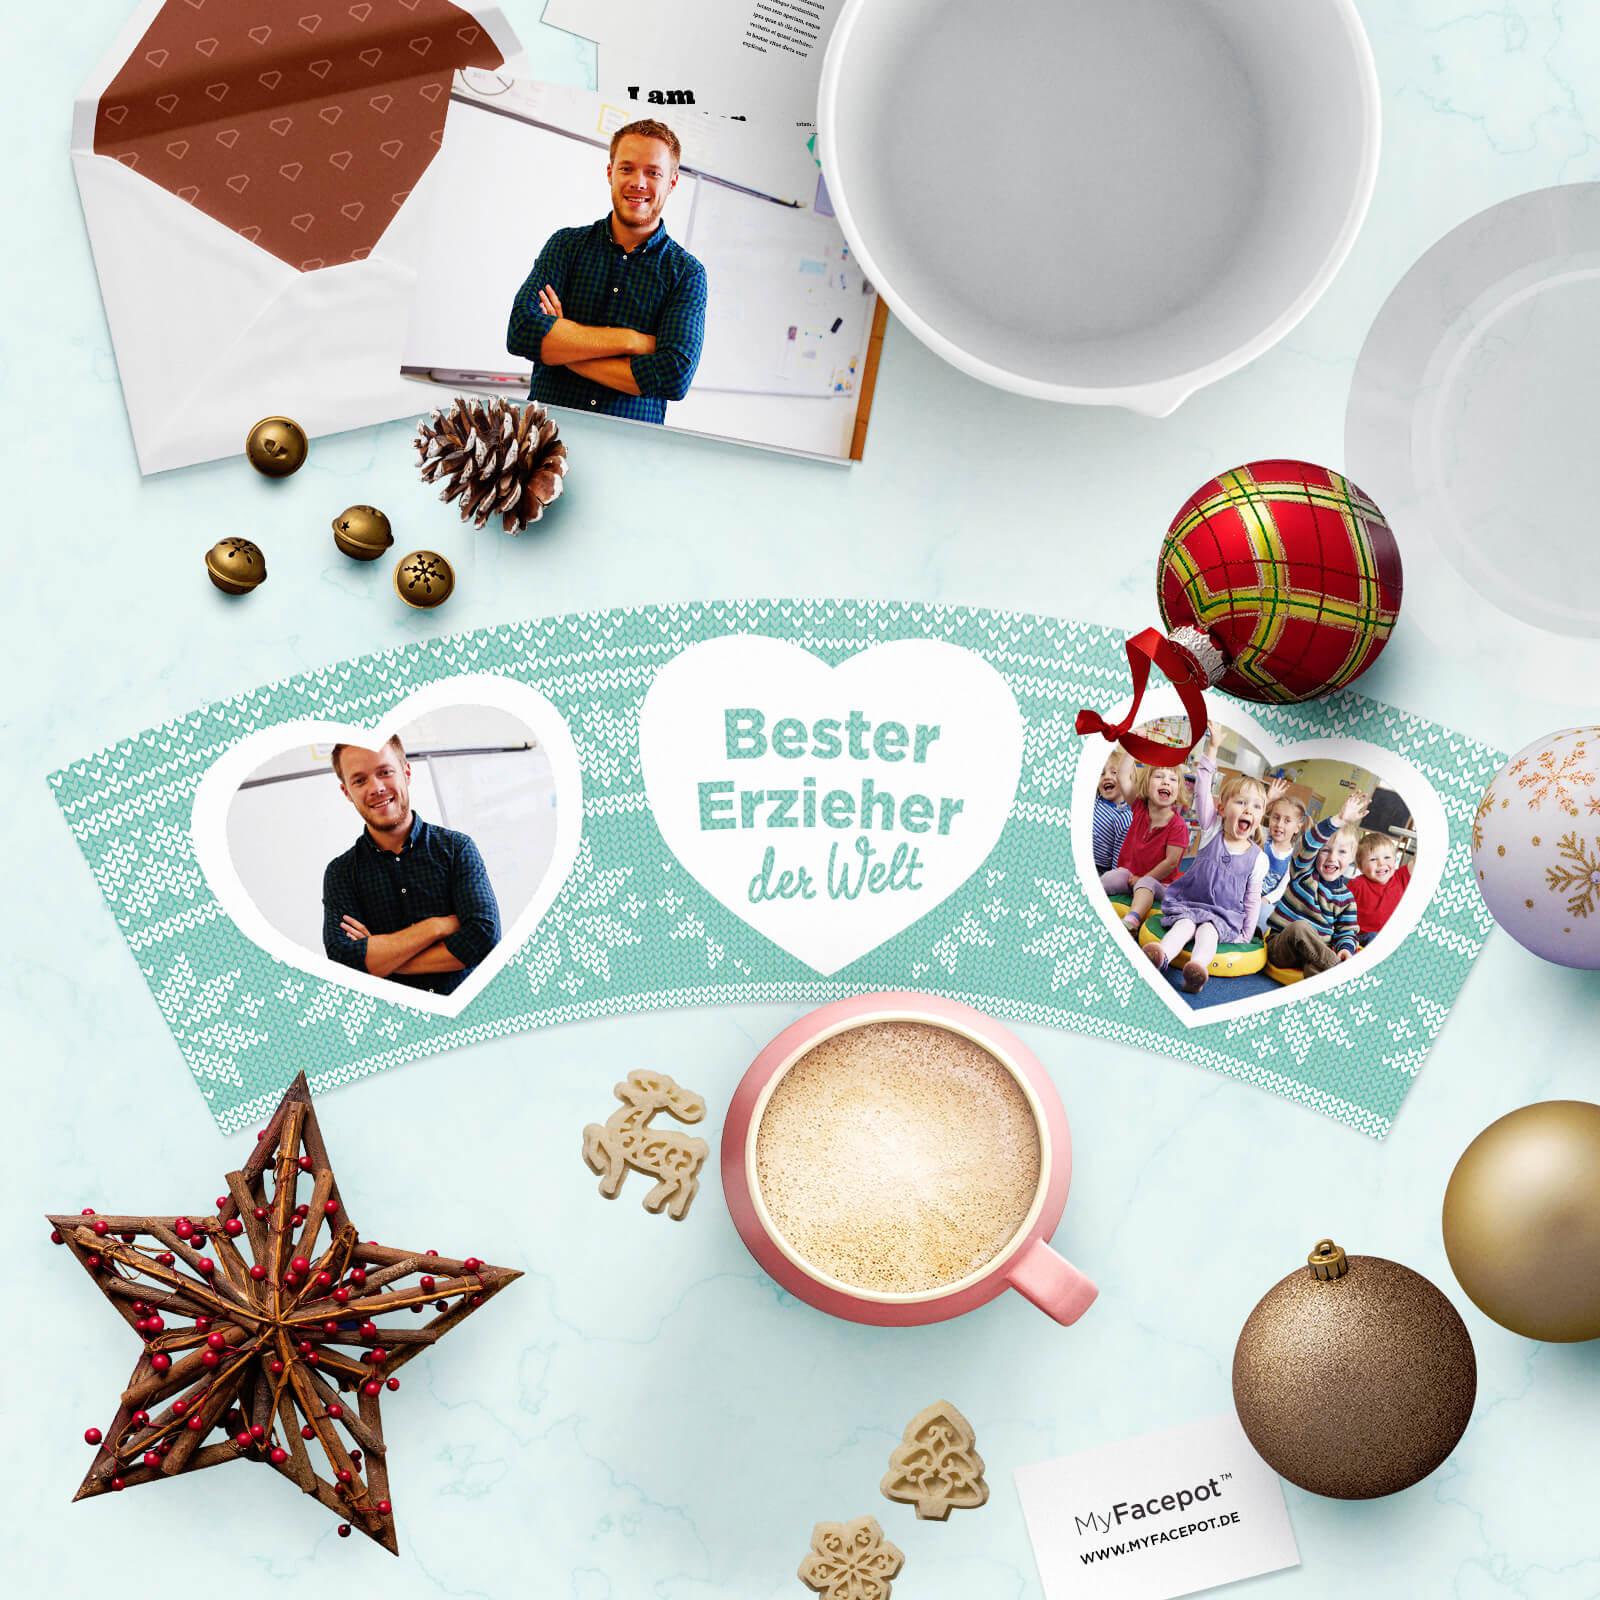 Geschenk Bester Erzieher zu Weihnachten